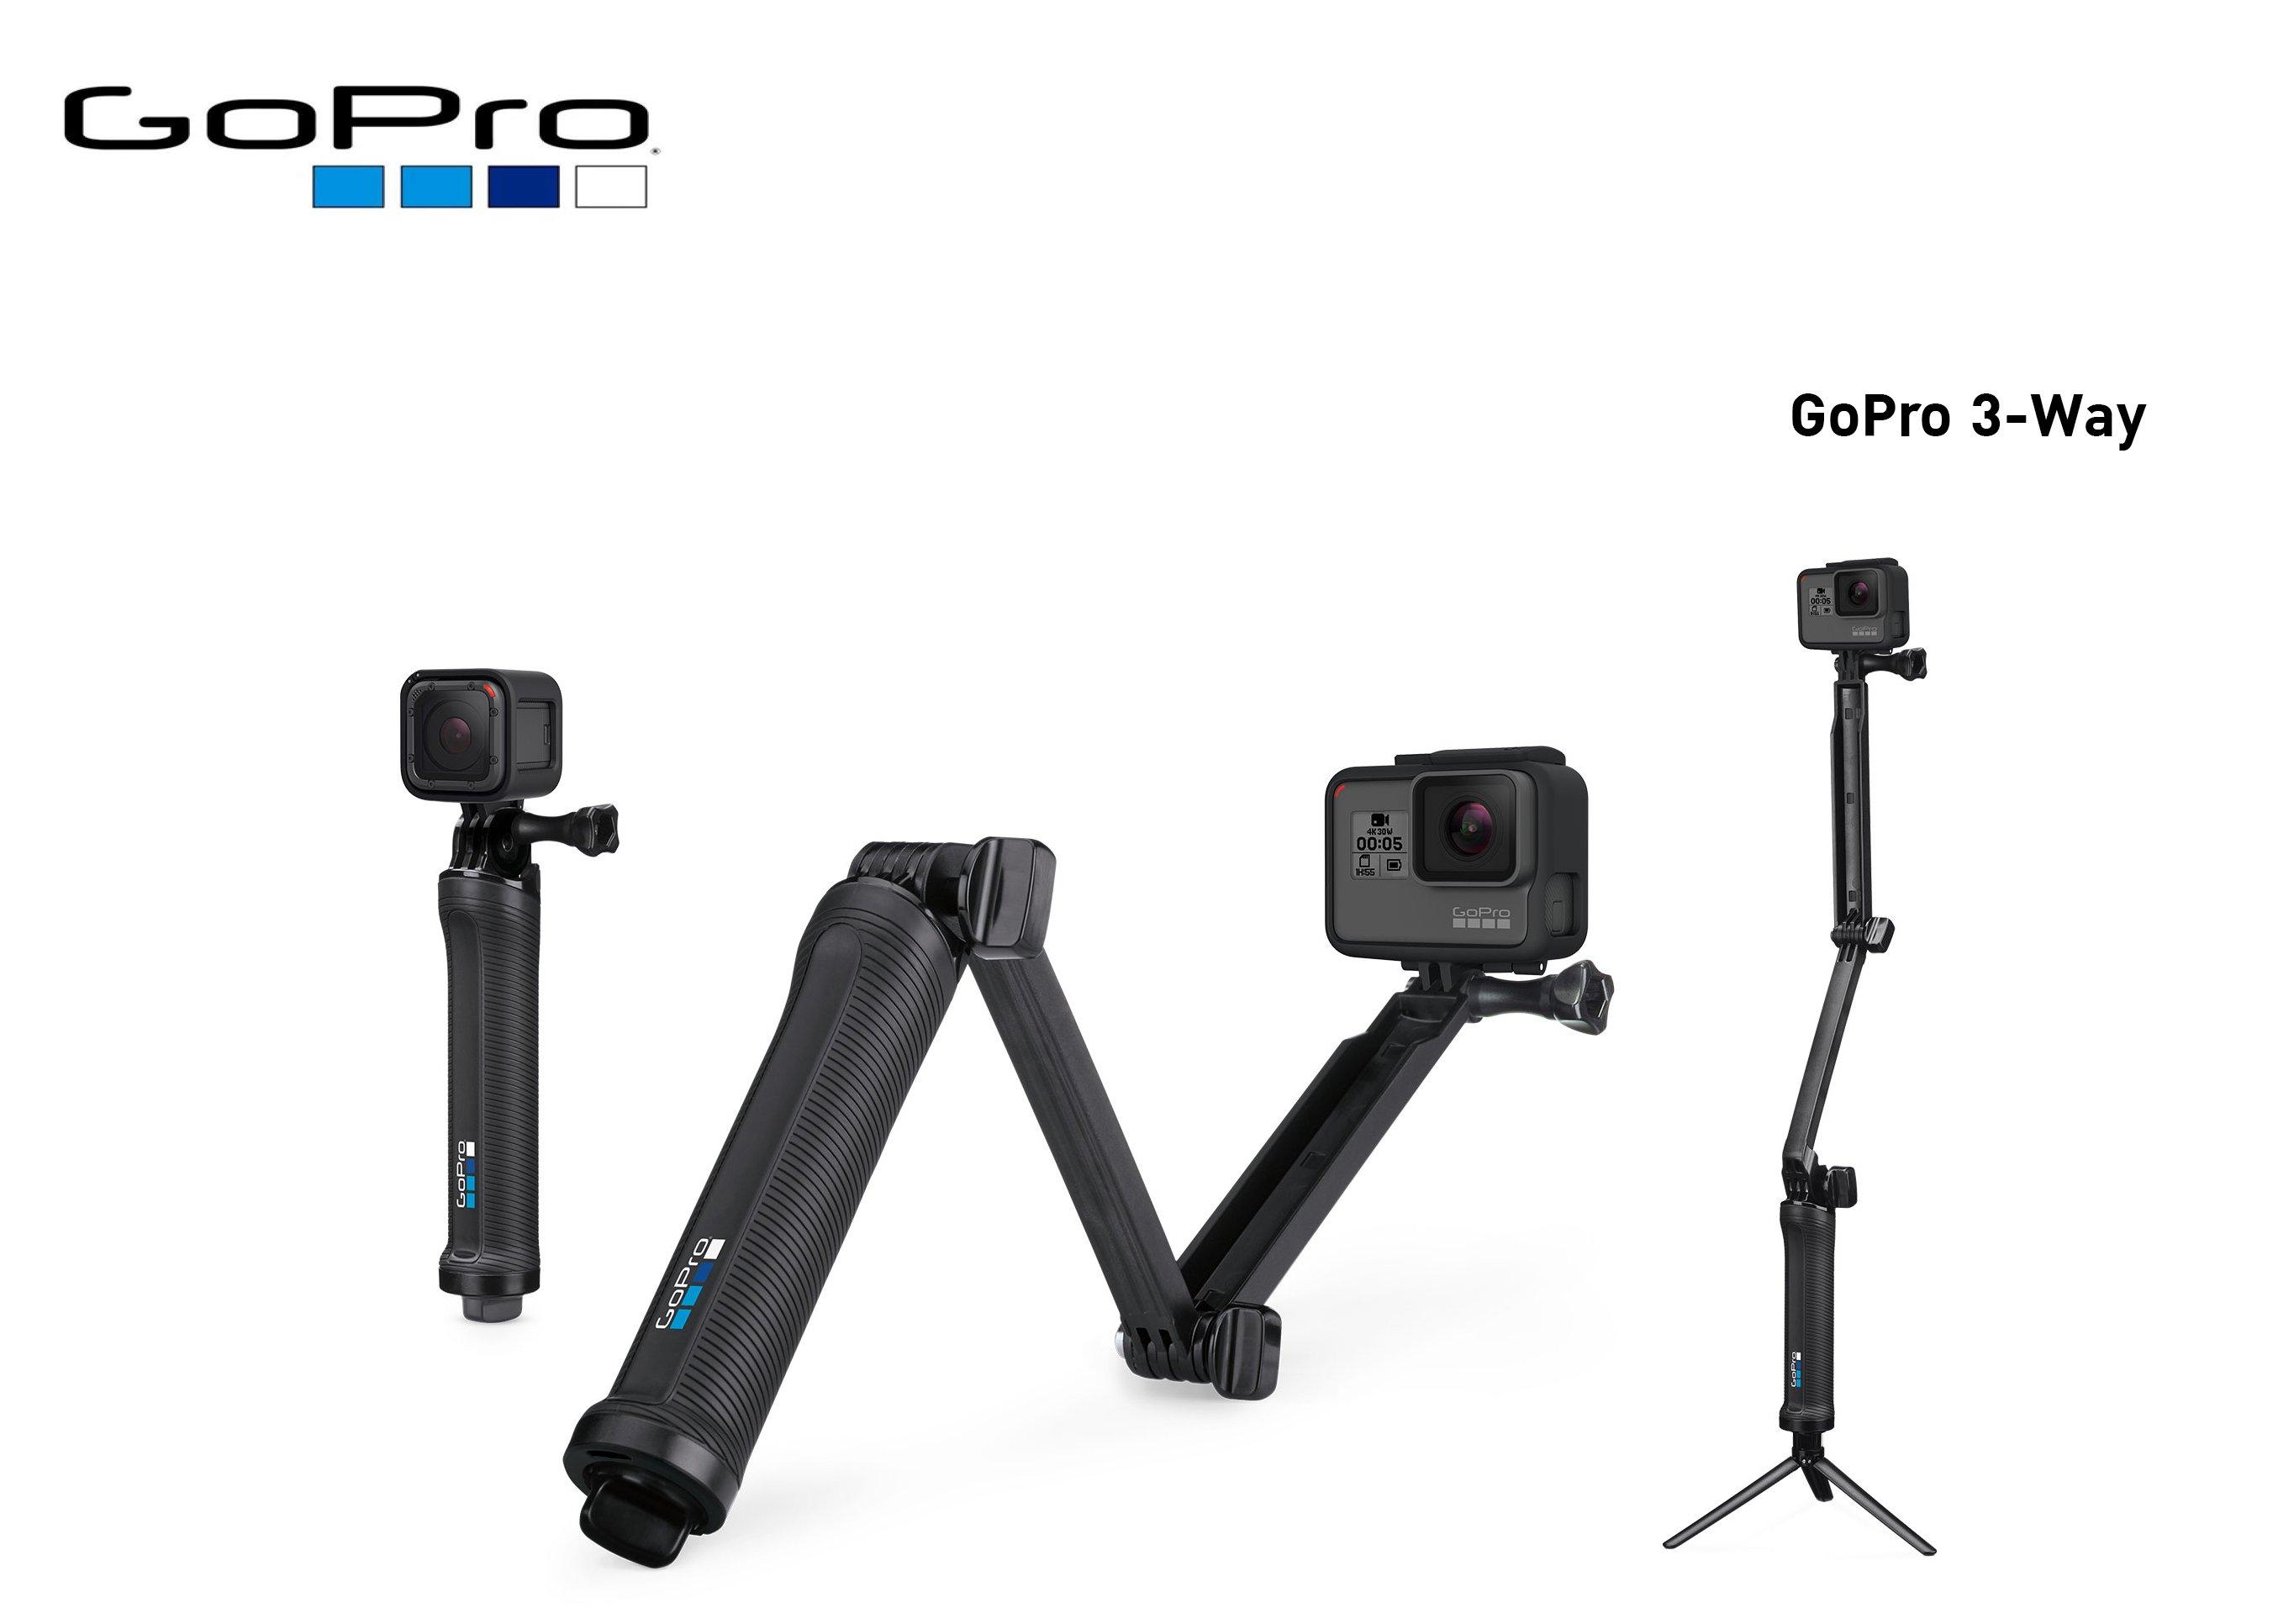 ซื้อ อุปกรณ์เสริมโกโปร GoPro 3-Way Grip   Arm   Tripod กล้องโกโปร, อุปกรณ์เสริมโกโปร, แบตเตอรี่, แท่นชาร์จ, ด้ามจับ, กระเป๋าใส่กล้องและอุปกรณ์ ราคาพิเศษ พร้อมโปรโมชั่นลดราคา ส่งฟรี ส่งเร็ว ทั่วไทย